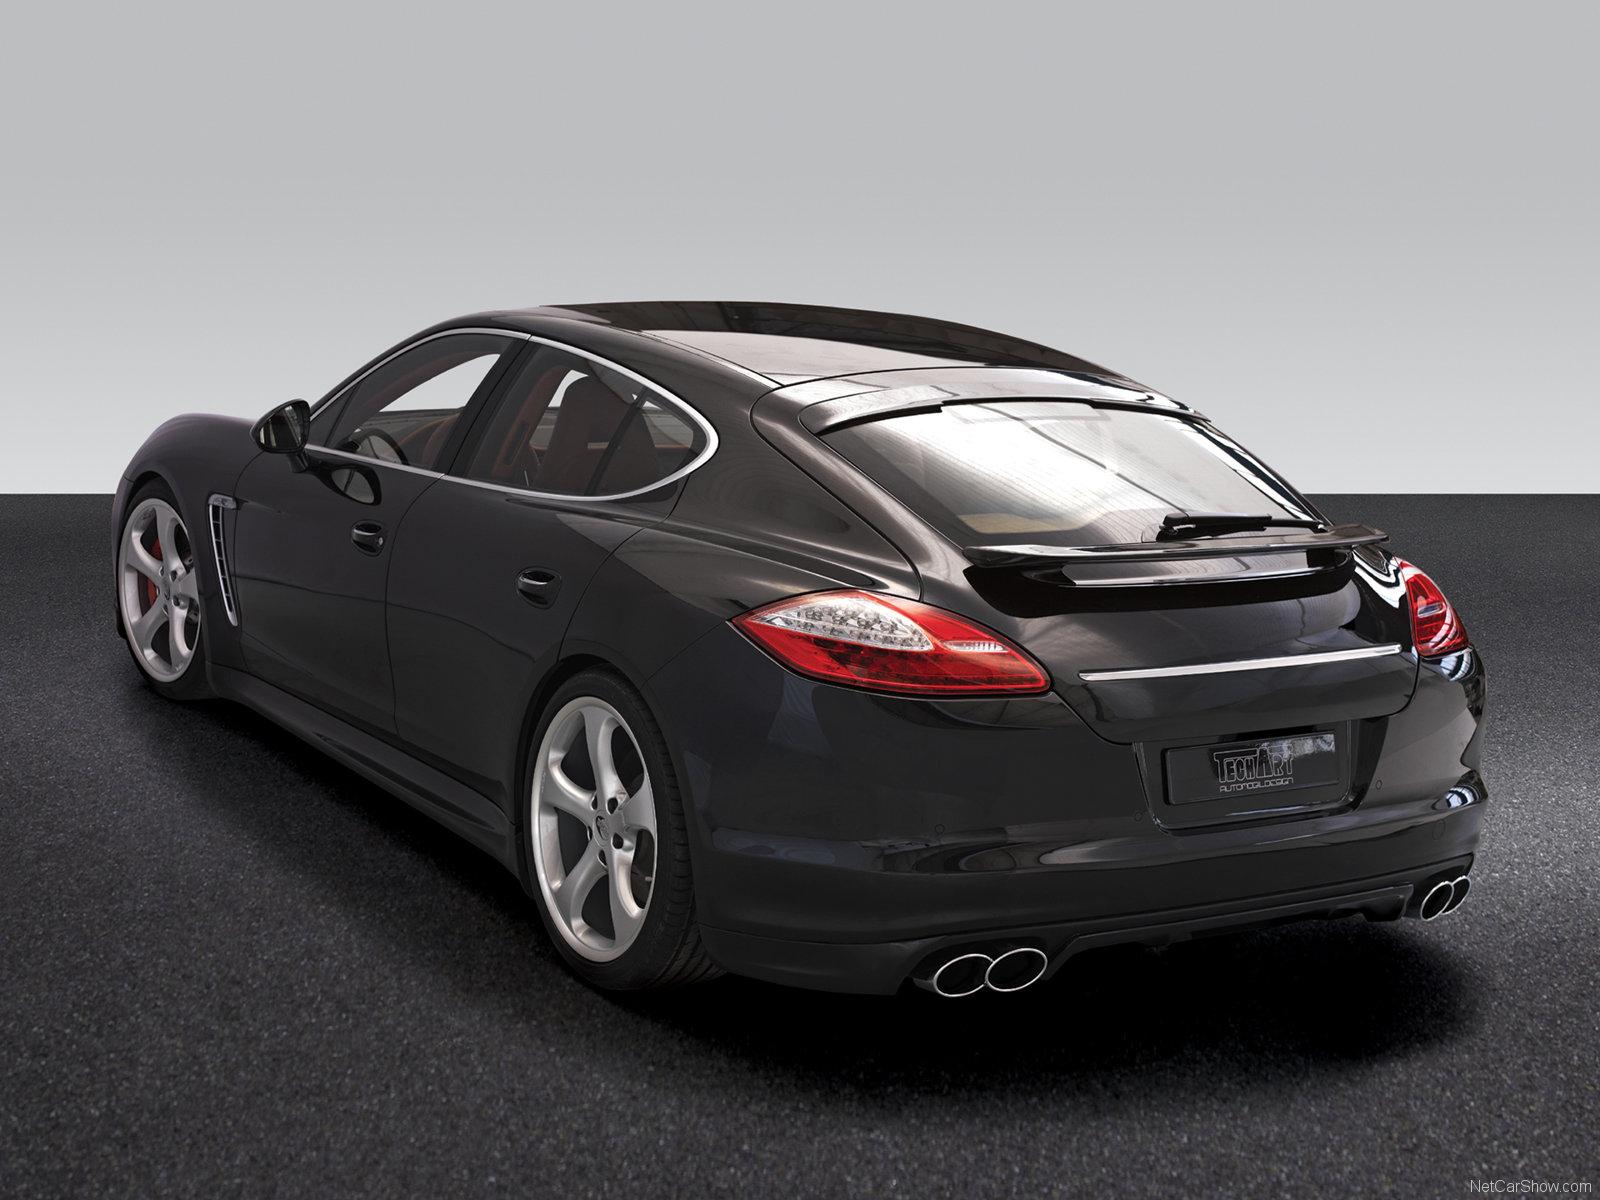 Hình ảnh xe ô tô TechArt Porsche Panamera 2010 & nội ngoại thất